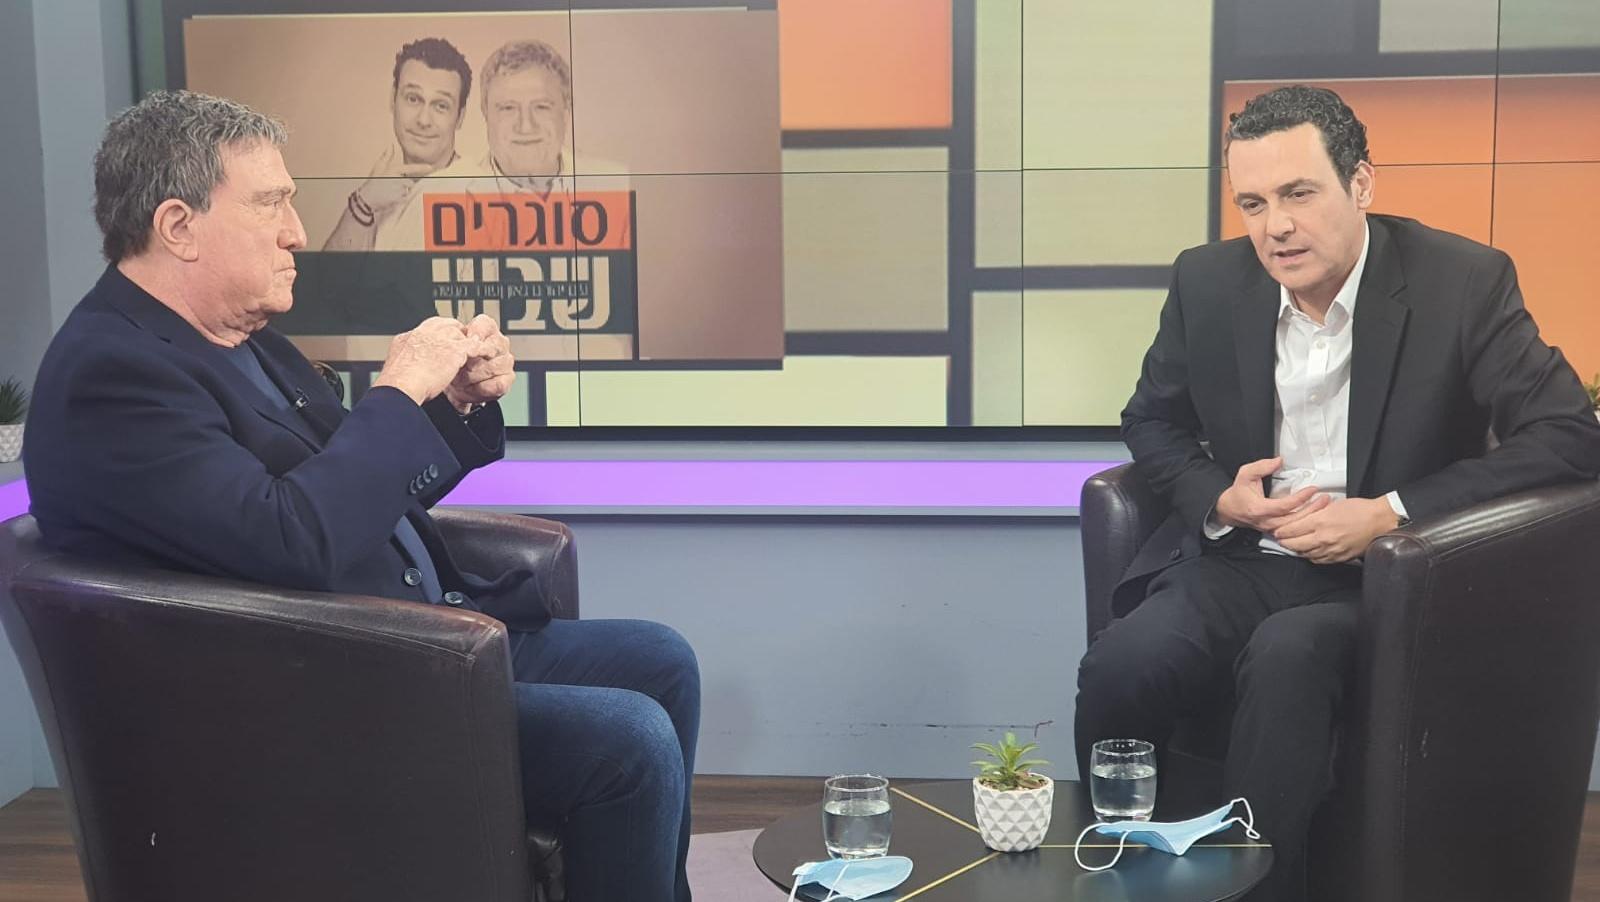 יהורם גאון הצטרף לערוץ 20 והערב כבר יגיש תכנית ראשונה